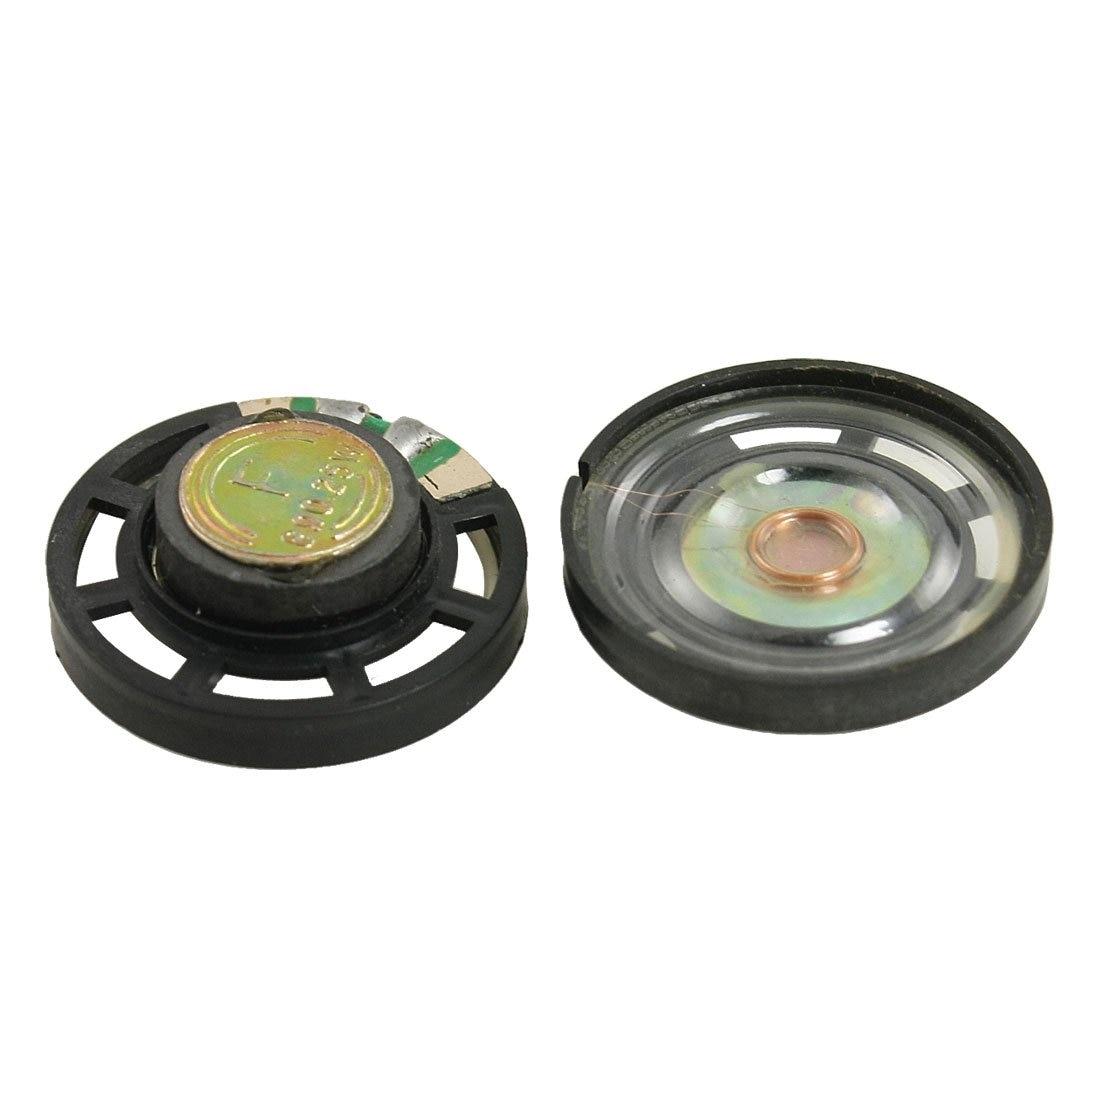 Angemessen Externe Magnettyp Runde Kunststoffschale Lautsprecher 8 Ohm 0,25 Watt 2 Stücke Ein Unbestimmt Neues Erscheinungsbild GewäHrleisten